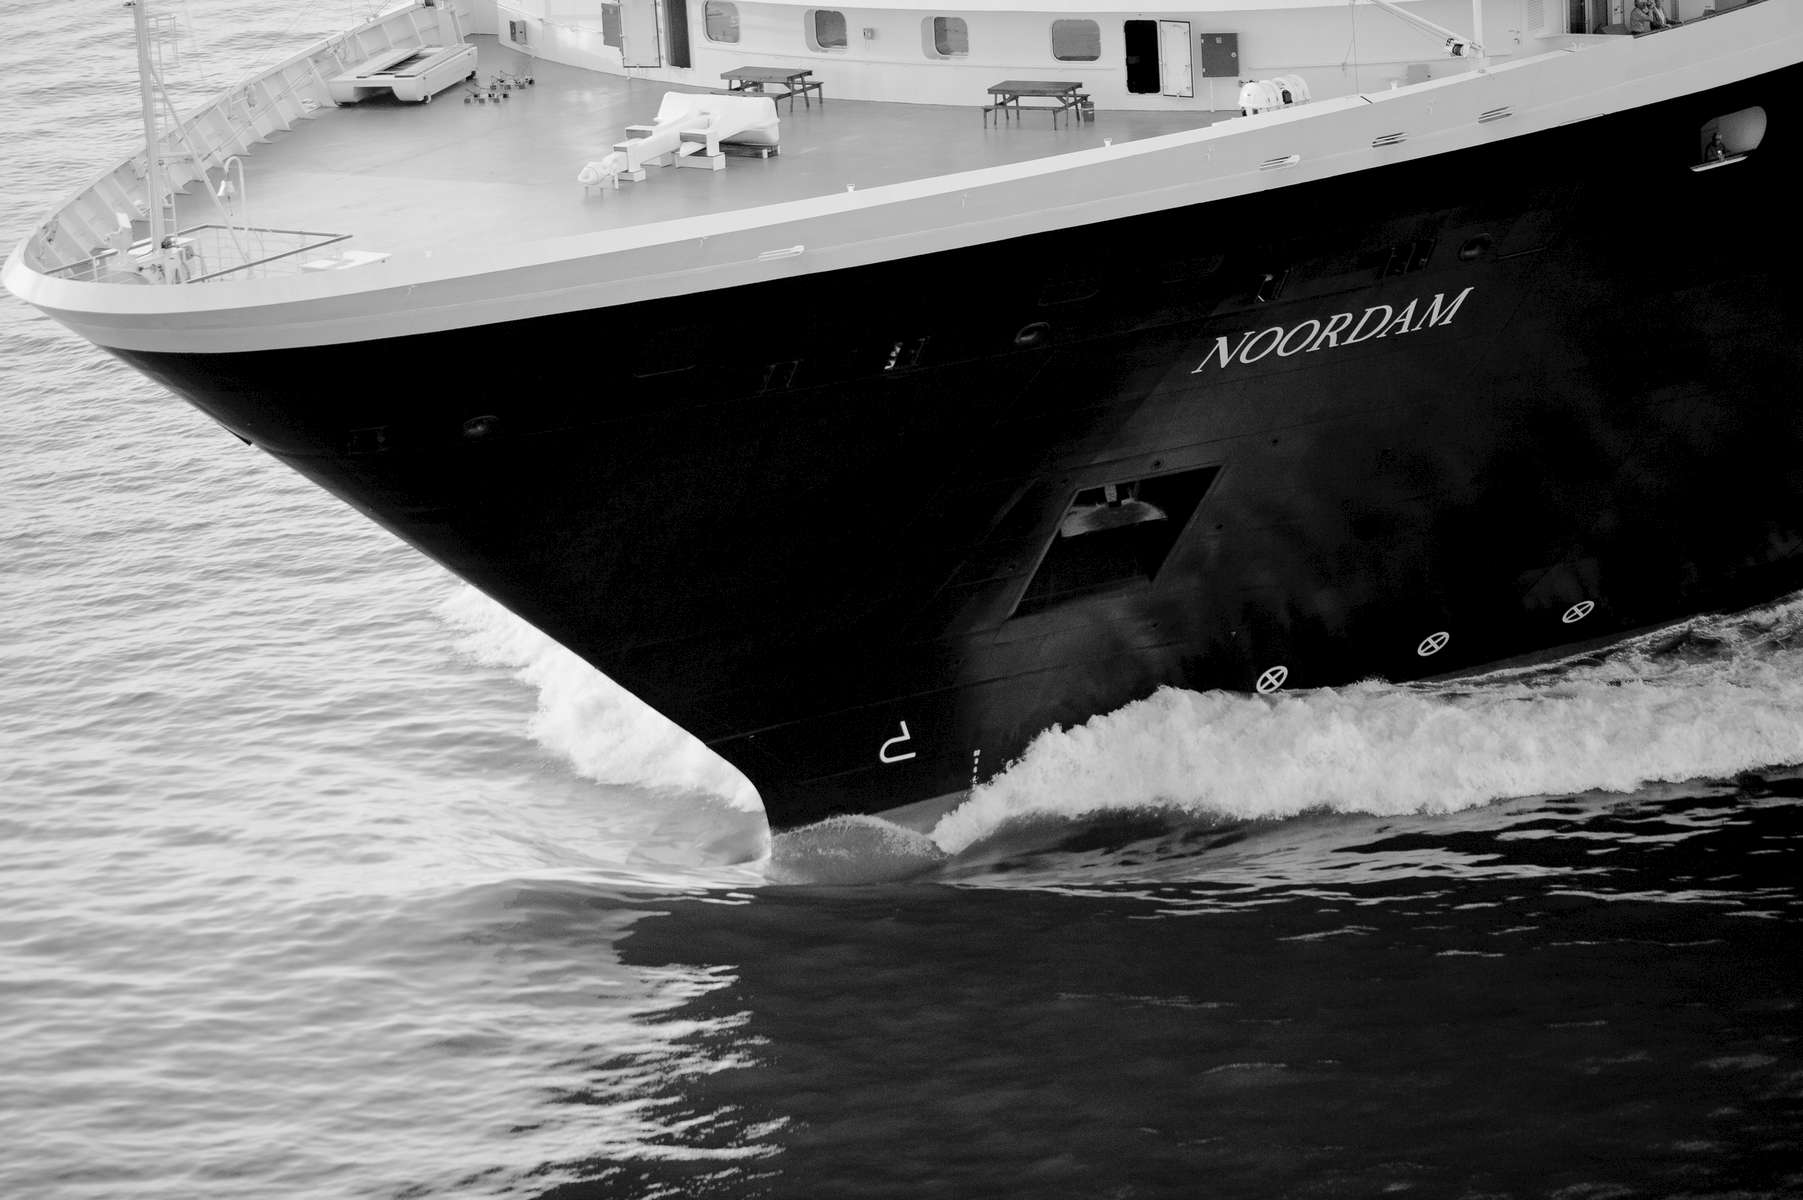 _-20060415__Noordam__aerials__0283cruiseships